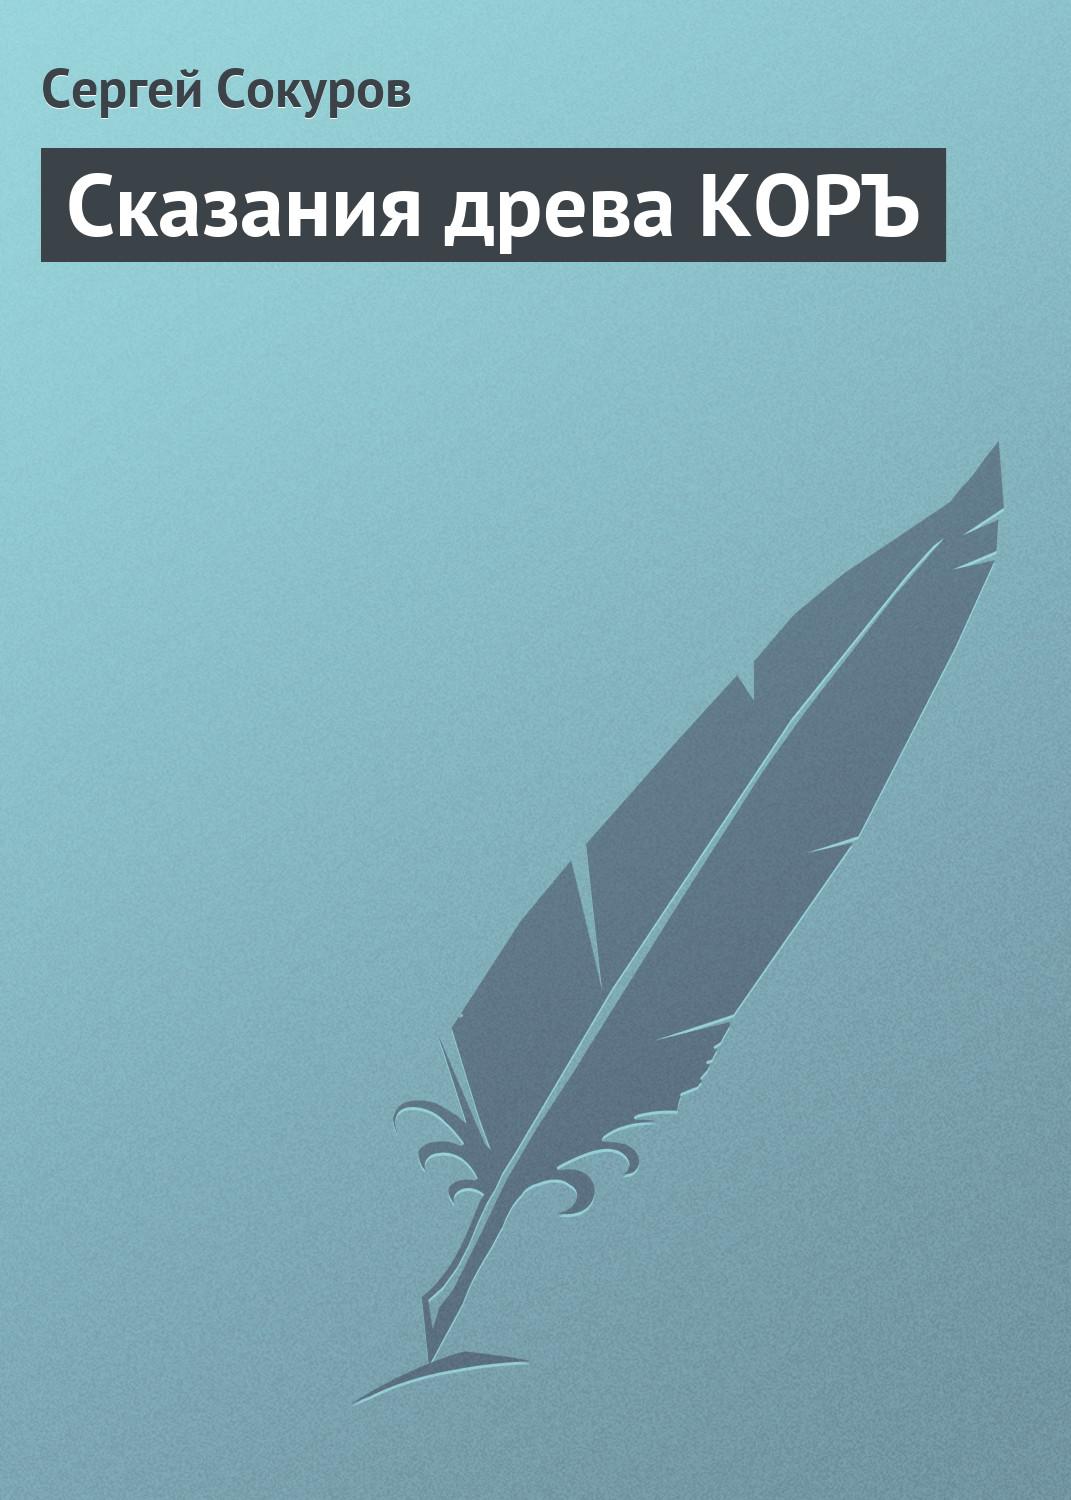 Сказания древа КОРЪ ( Сергей Сокуров  )